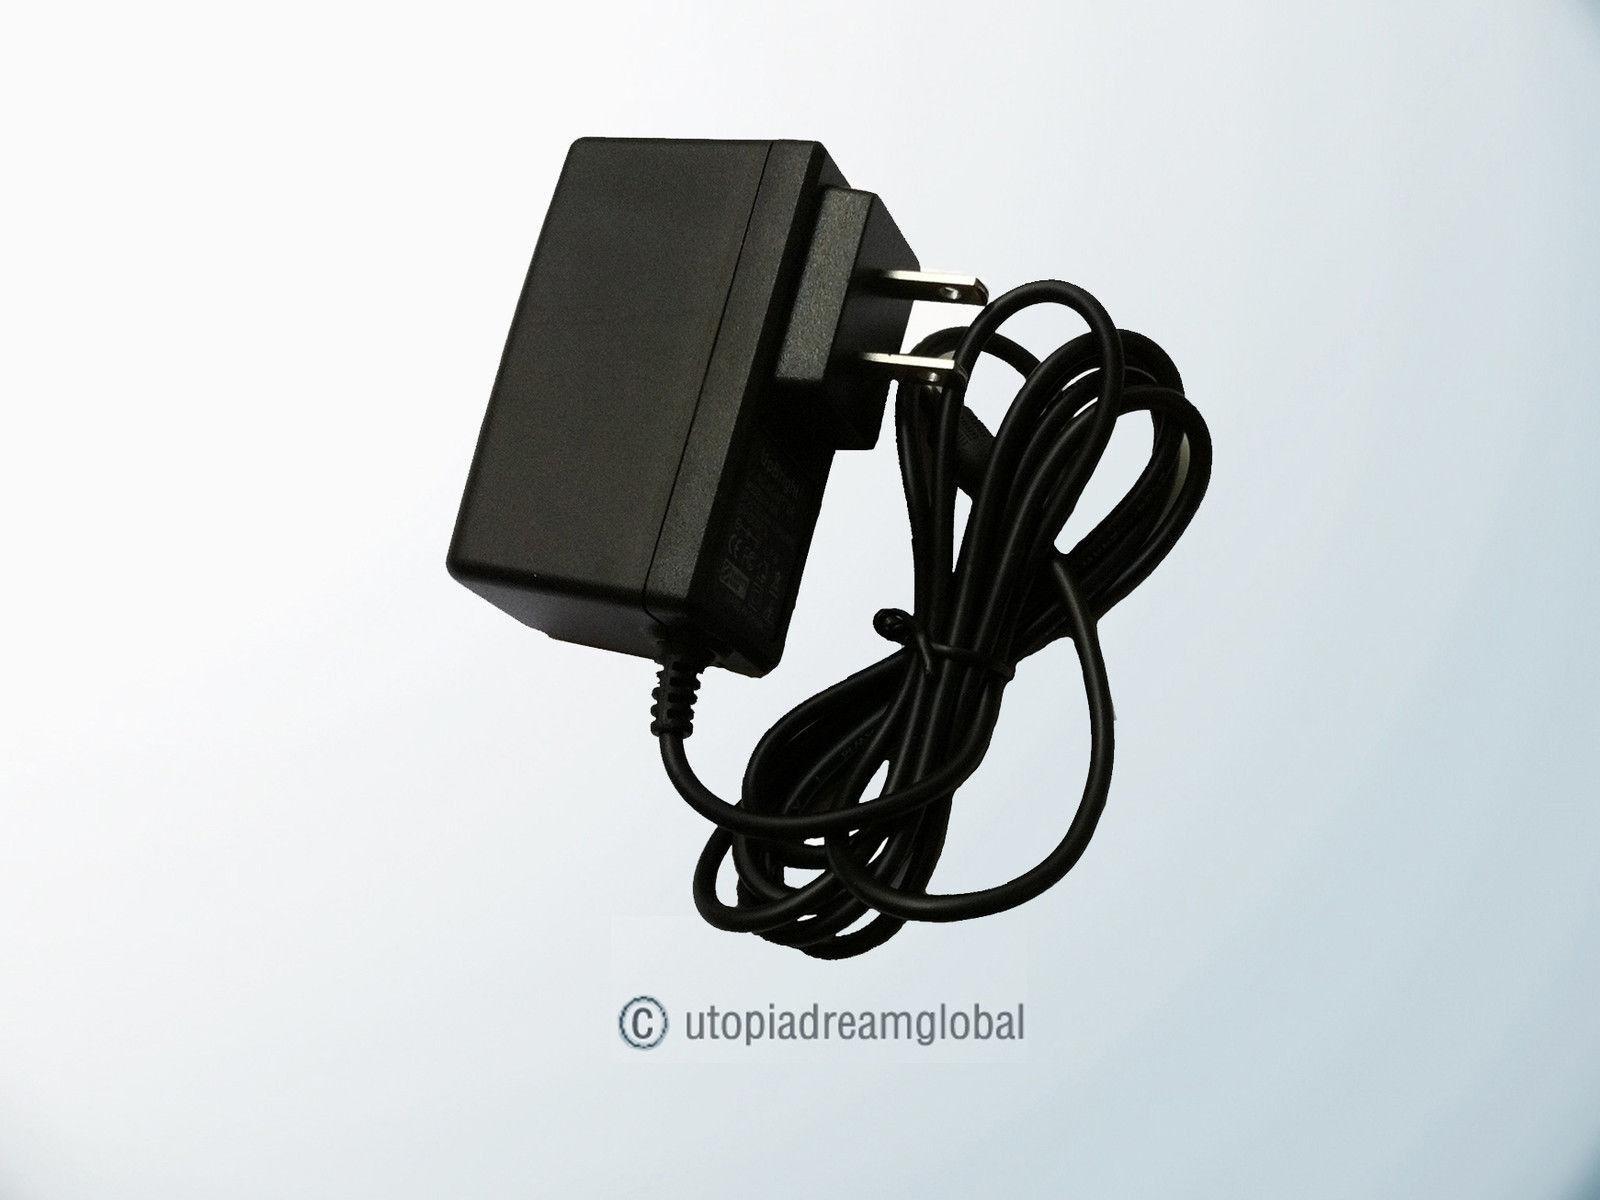 AC ADAPTER FOR PANDIGITAL PAN1051 10.4\